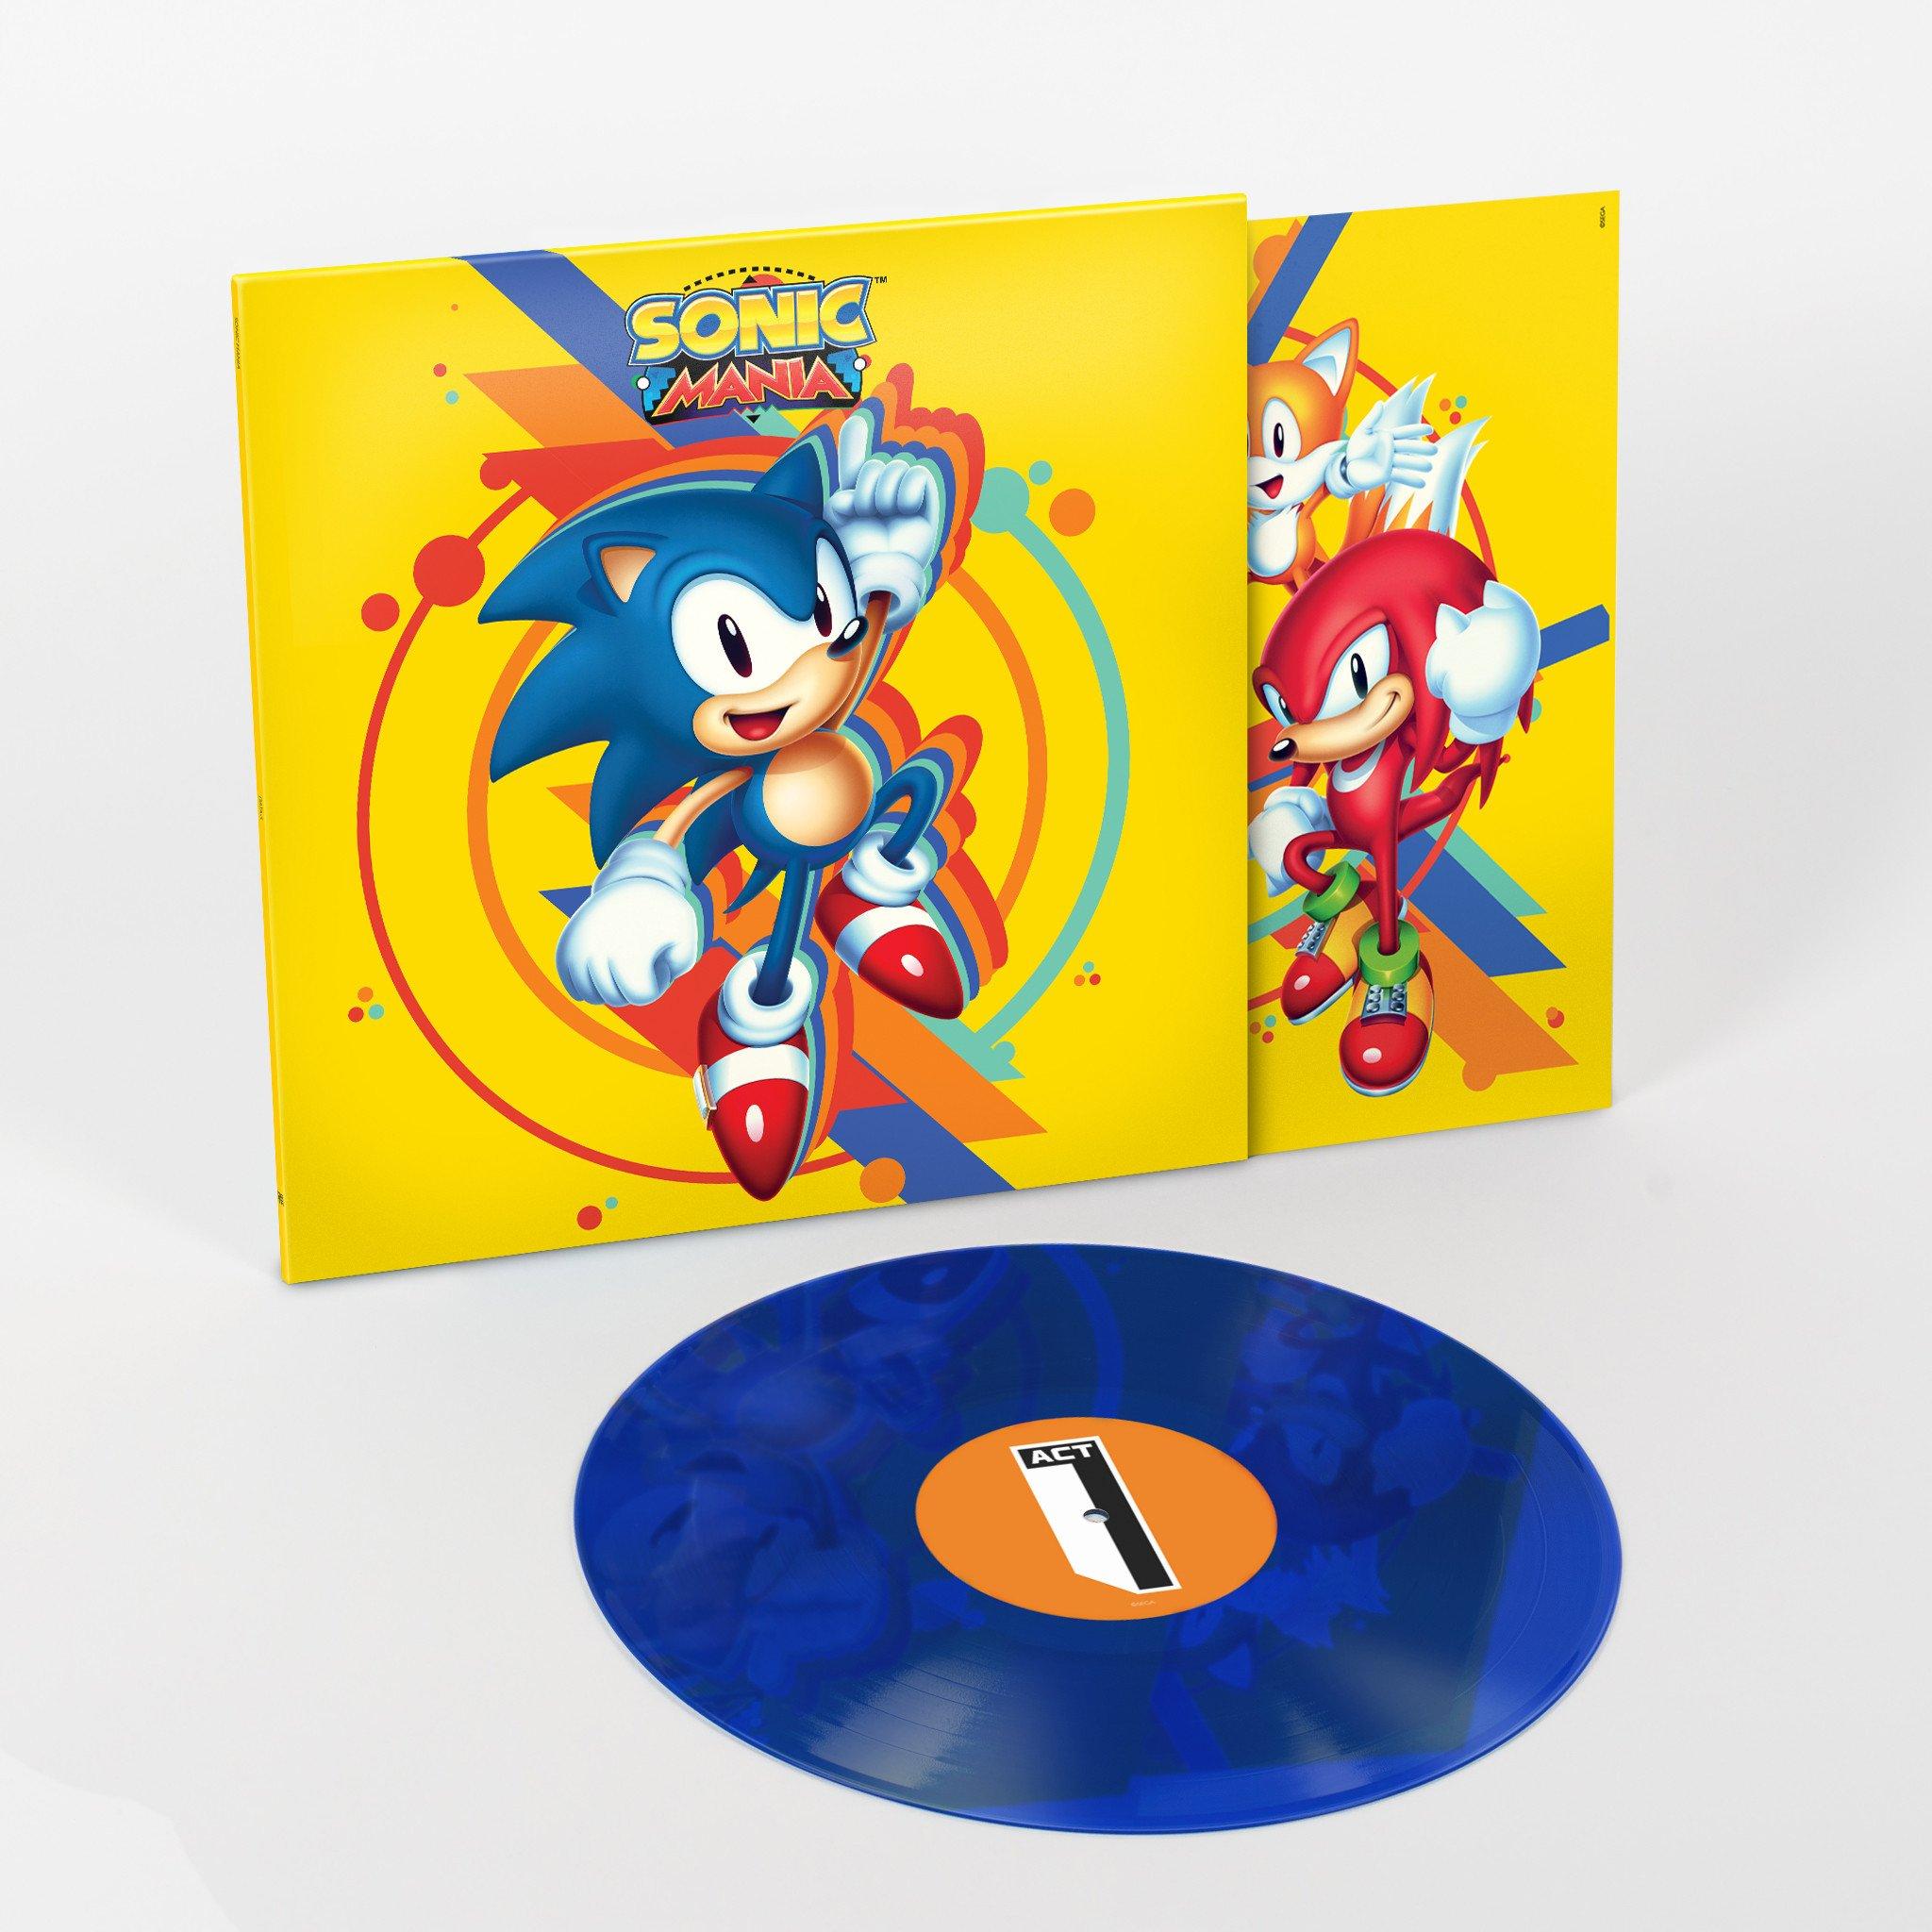 Sonic Mania Vinyl Album Announced Gematsu